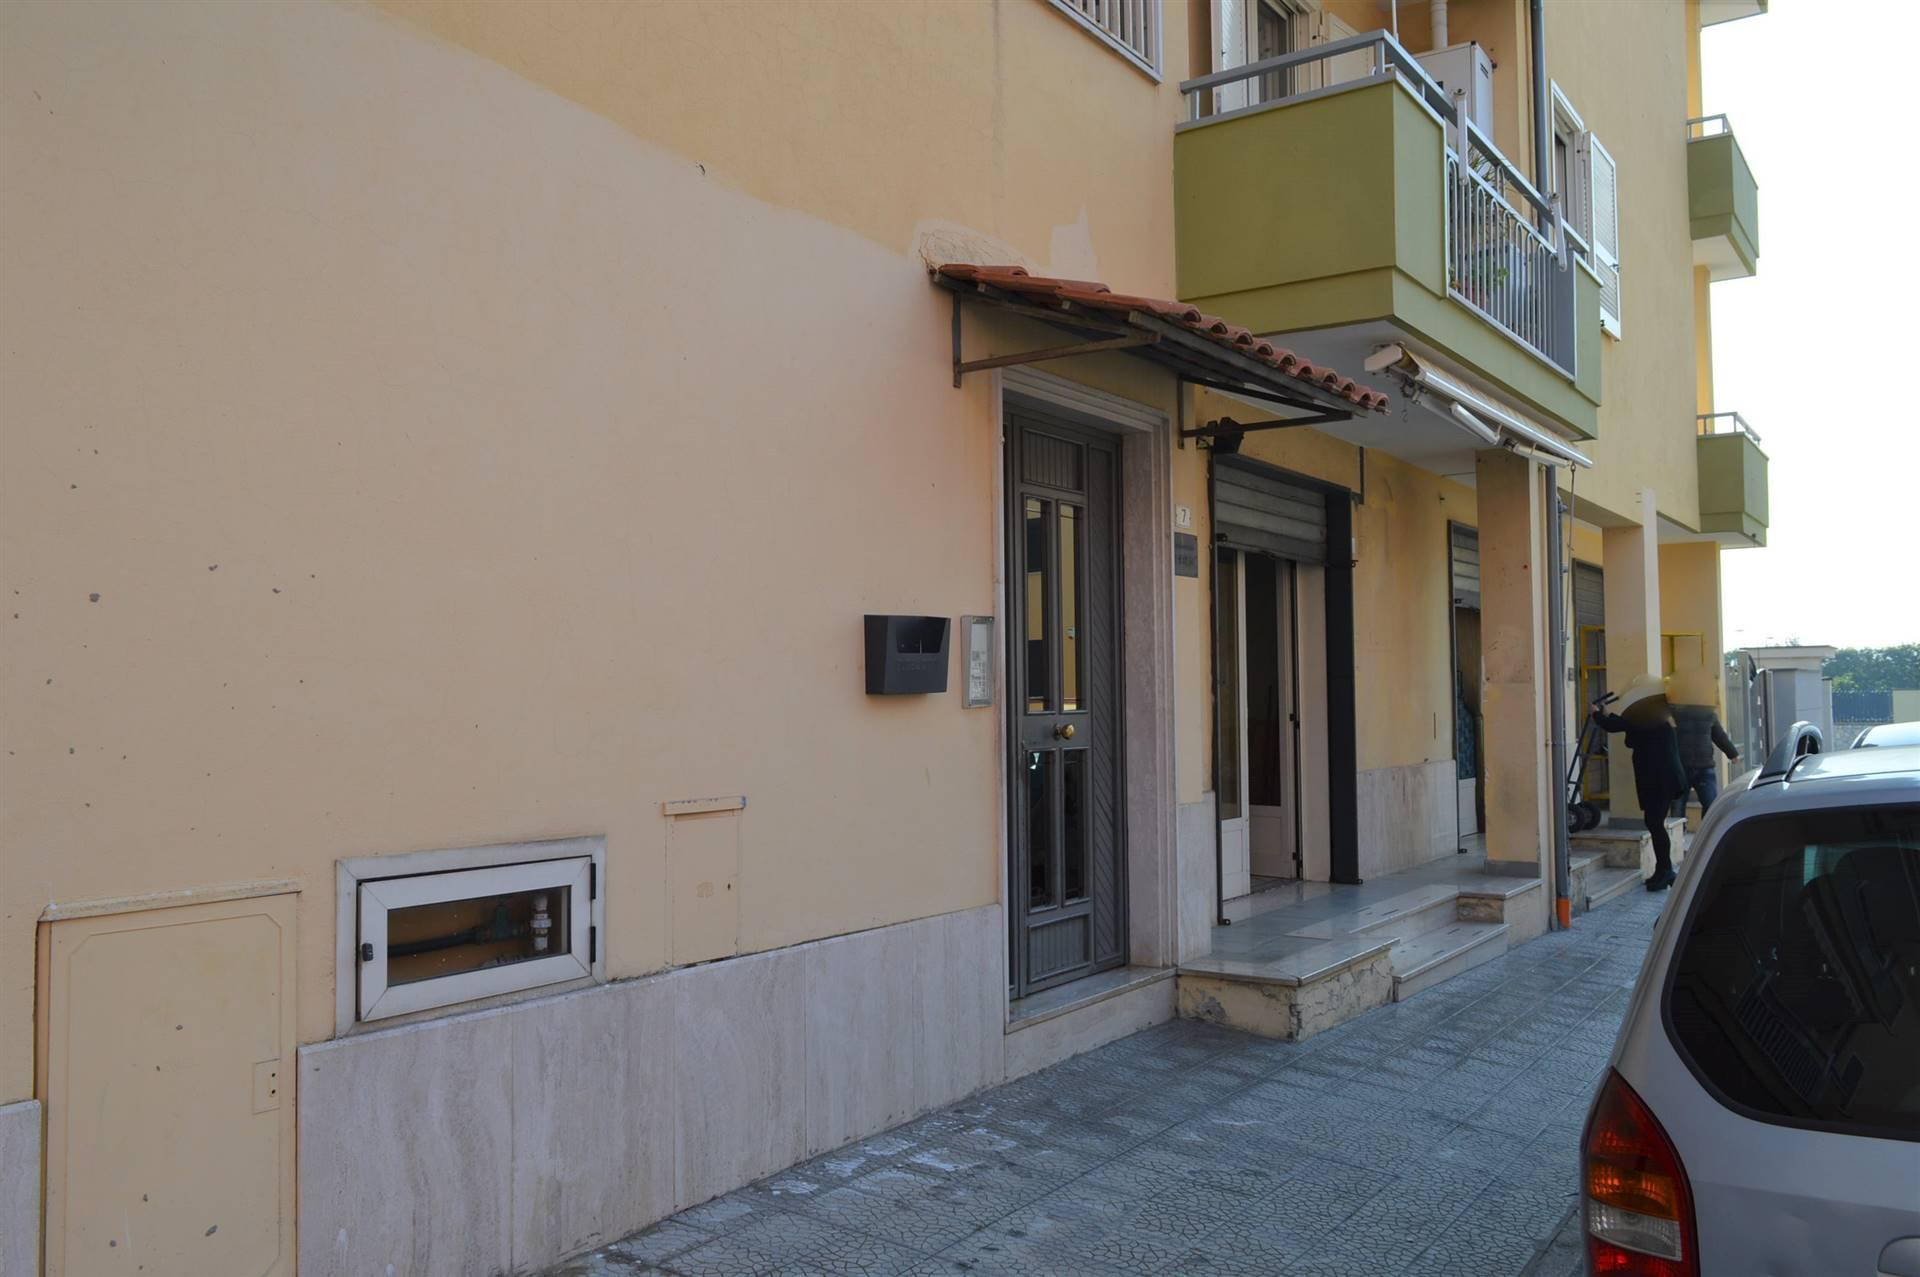 LF225C-Locale Commerciale-PORTICO-DI-CASERTA-Via-Tiziano